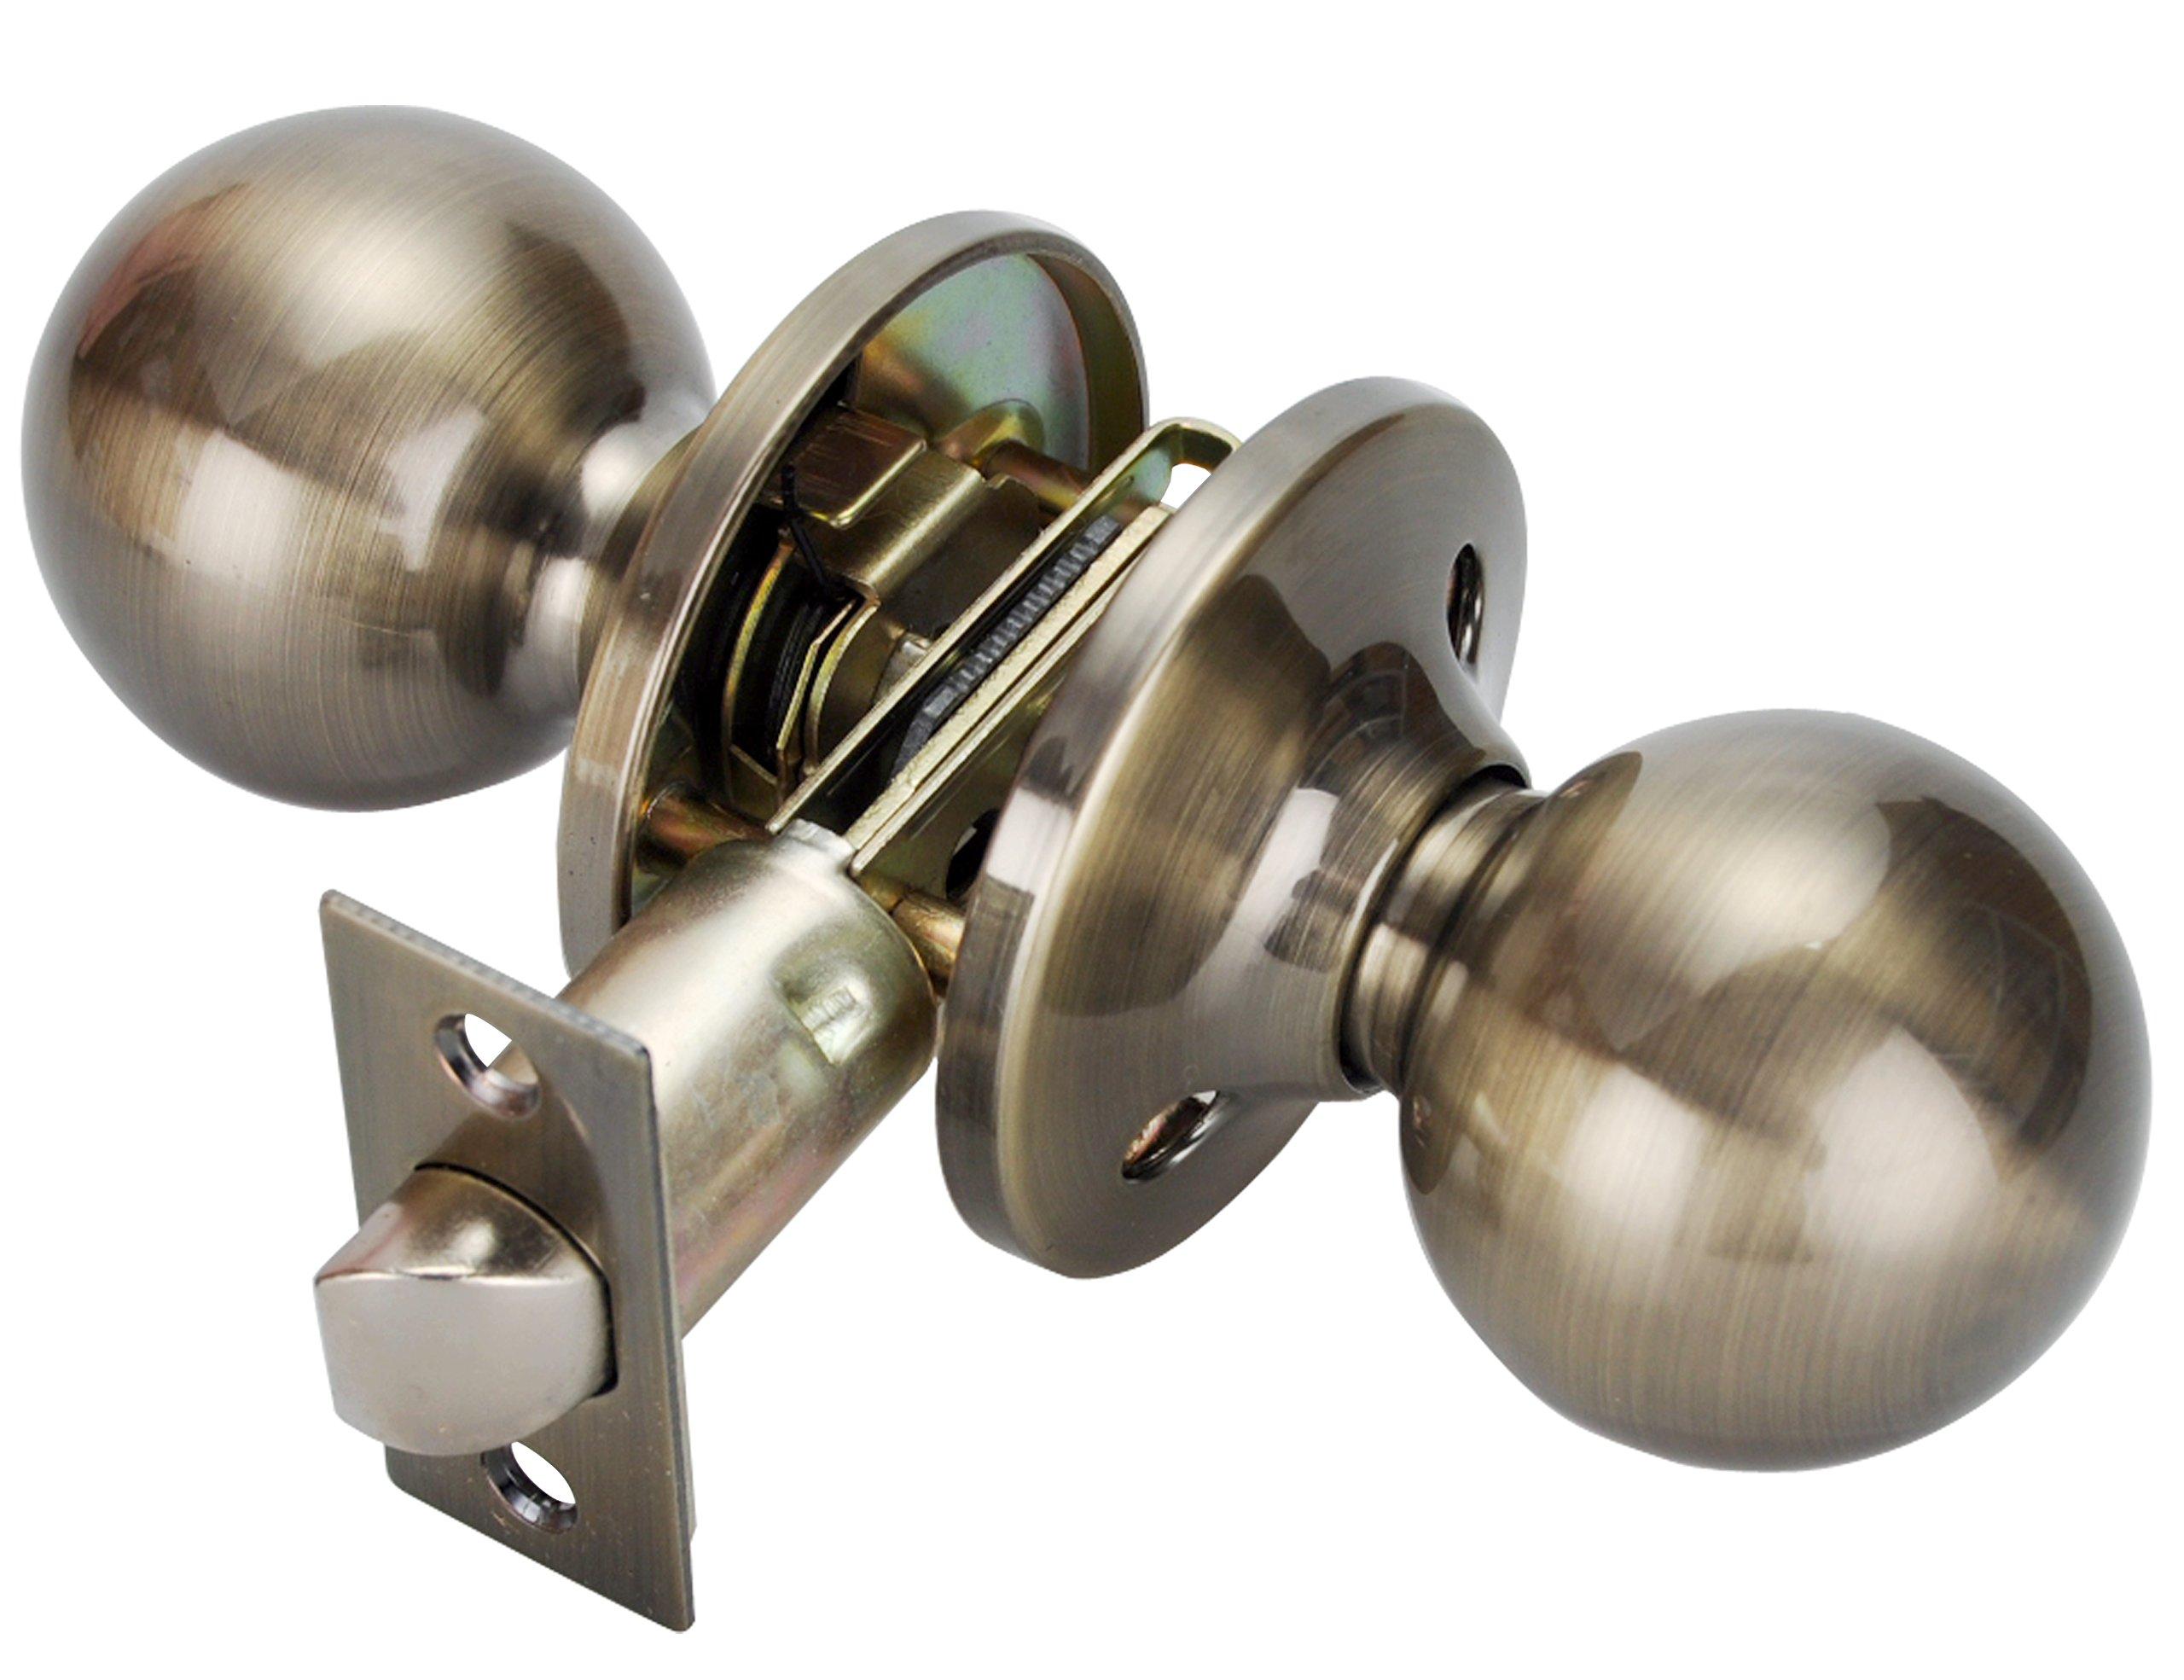 Privacy Door Lock, Antique Brass Door Knobs,Interior Door Lock with Knob for Bedroom or Bathroom in Antique Brass,5763-AB-BK